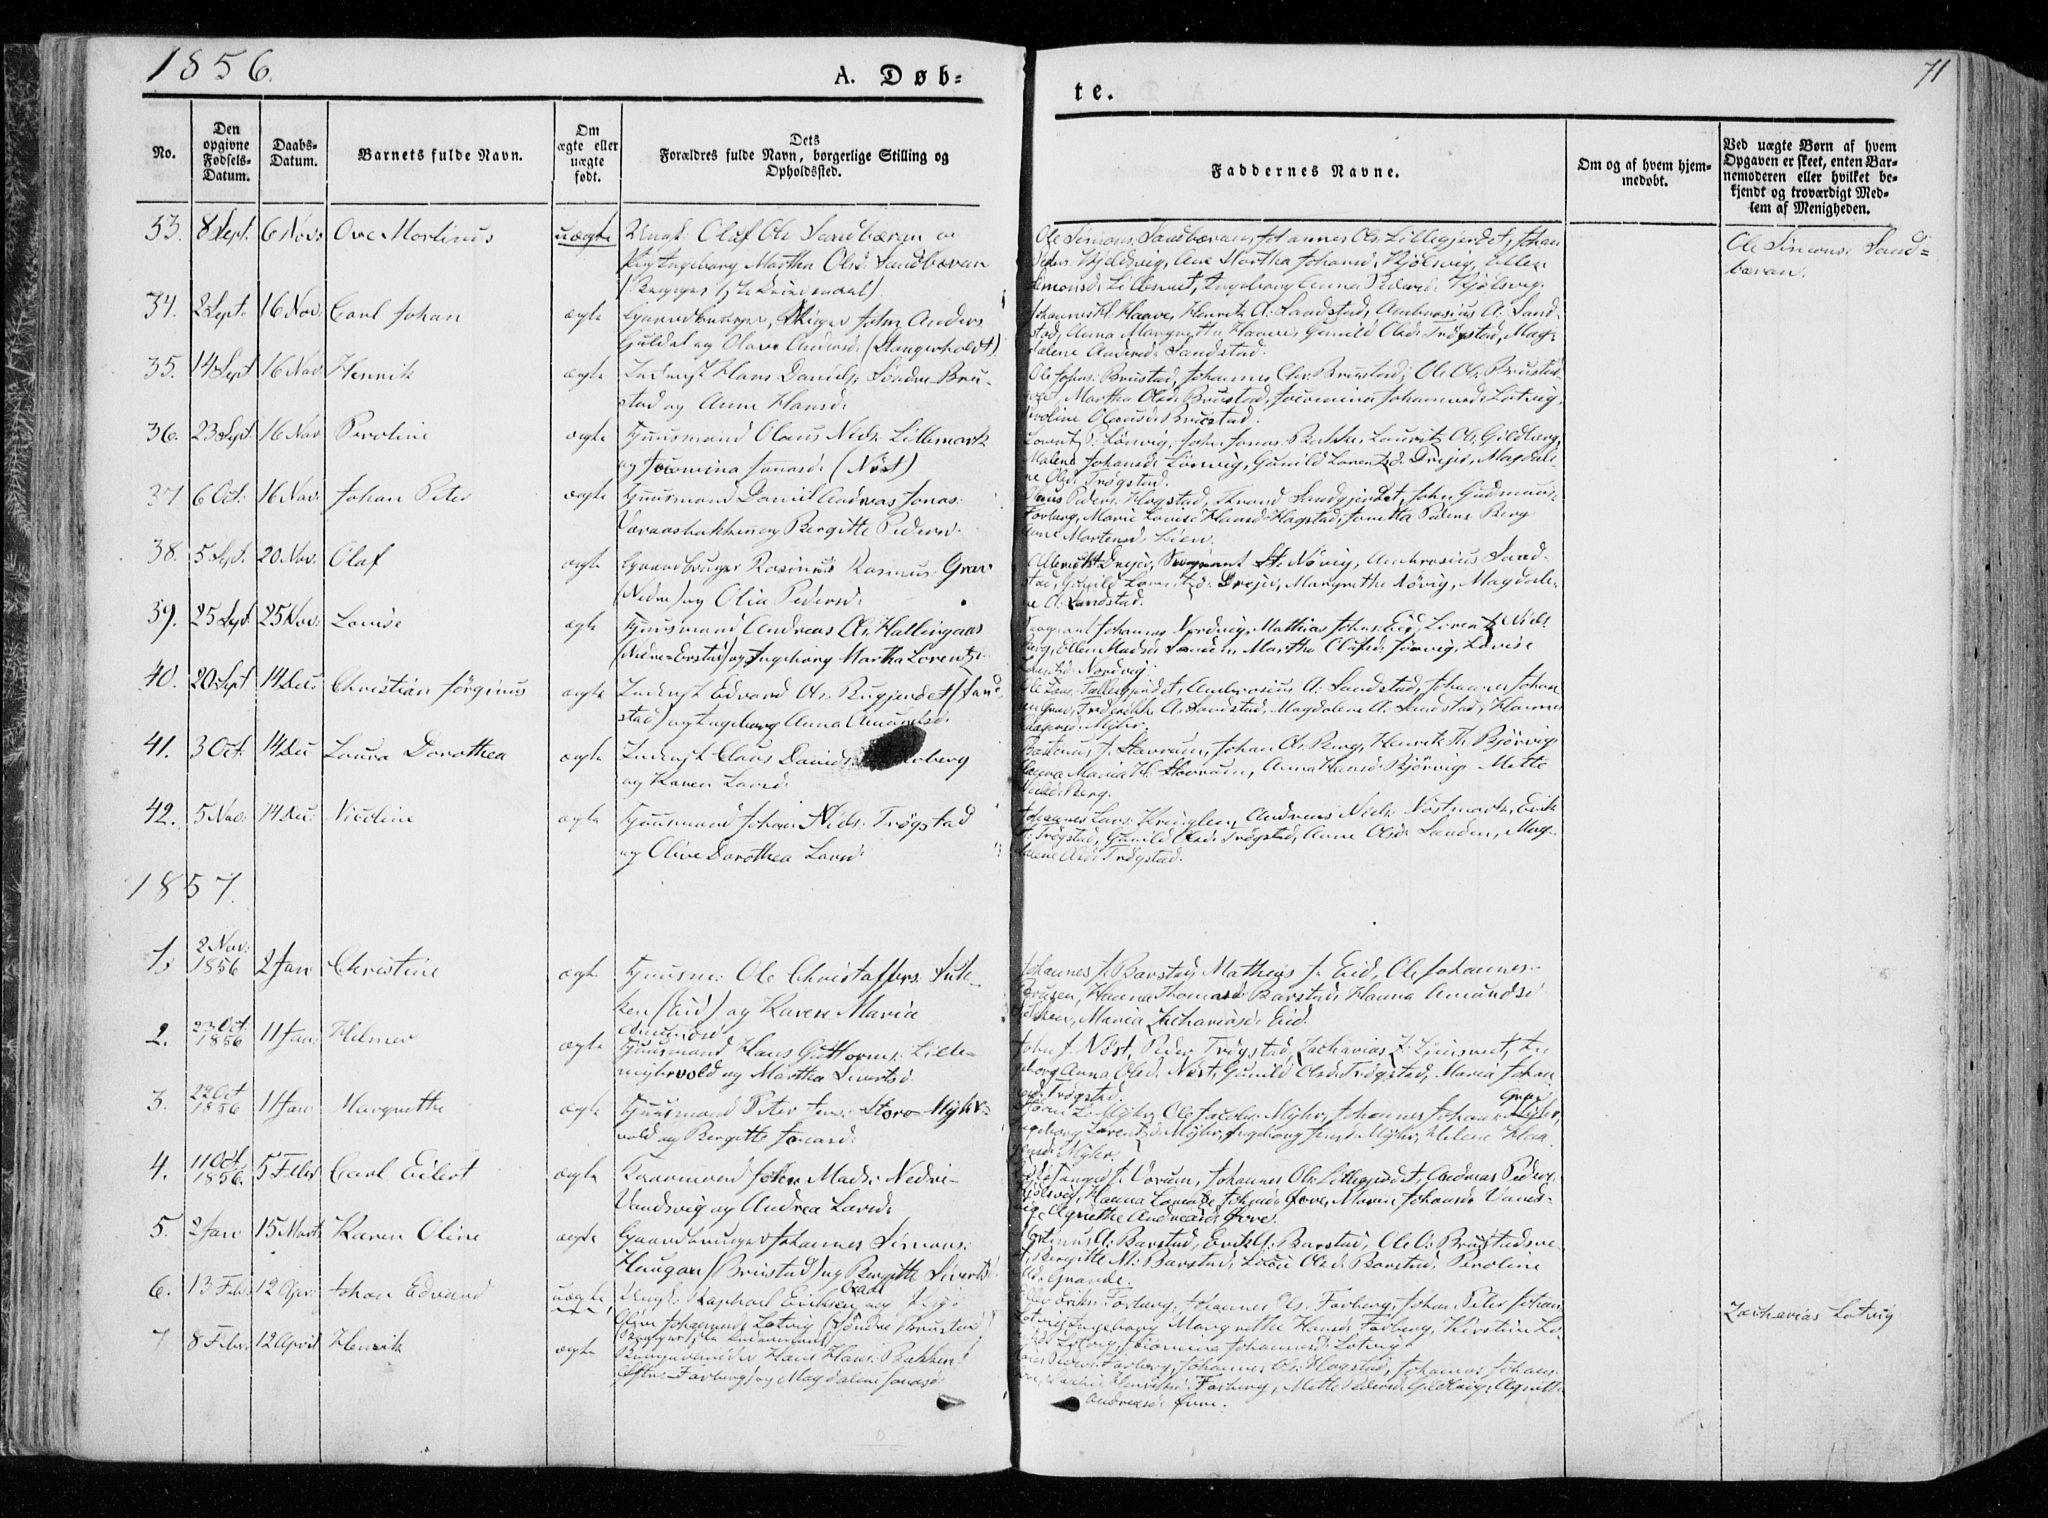 SAT, Ministerialprotokoller, klokkerbøker og fødselsregistre - Nord-Trøndelag, 722/L0218: Ministerialbok nr. 722A05, 1843-1868, s. 71